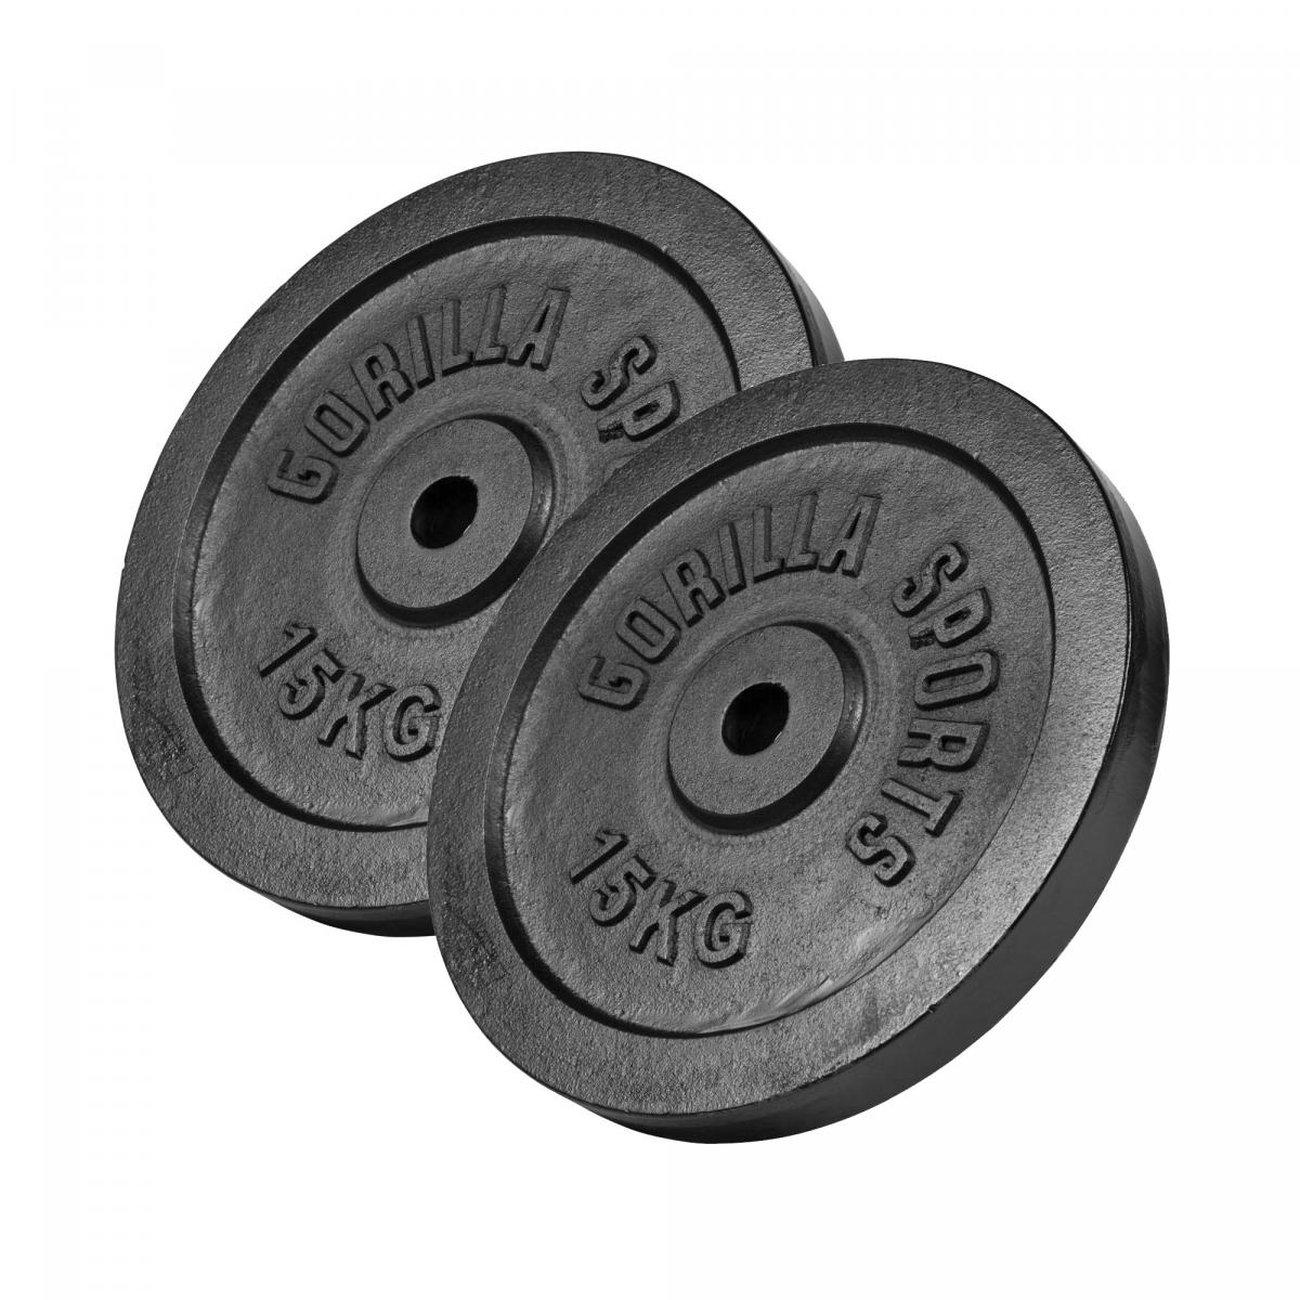 gorilla sports disques de poids en fonte noir de 05 kg a 30 kg 1 v5